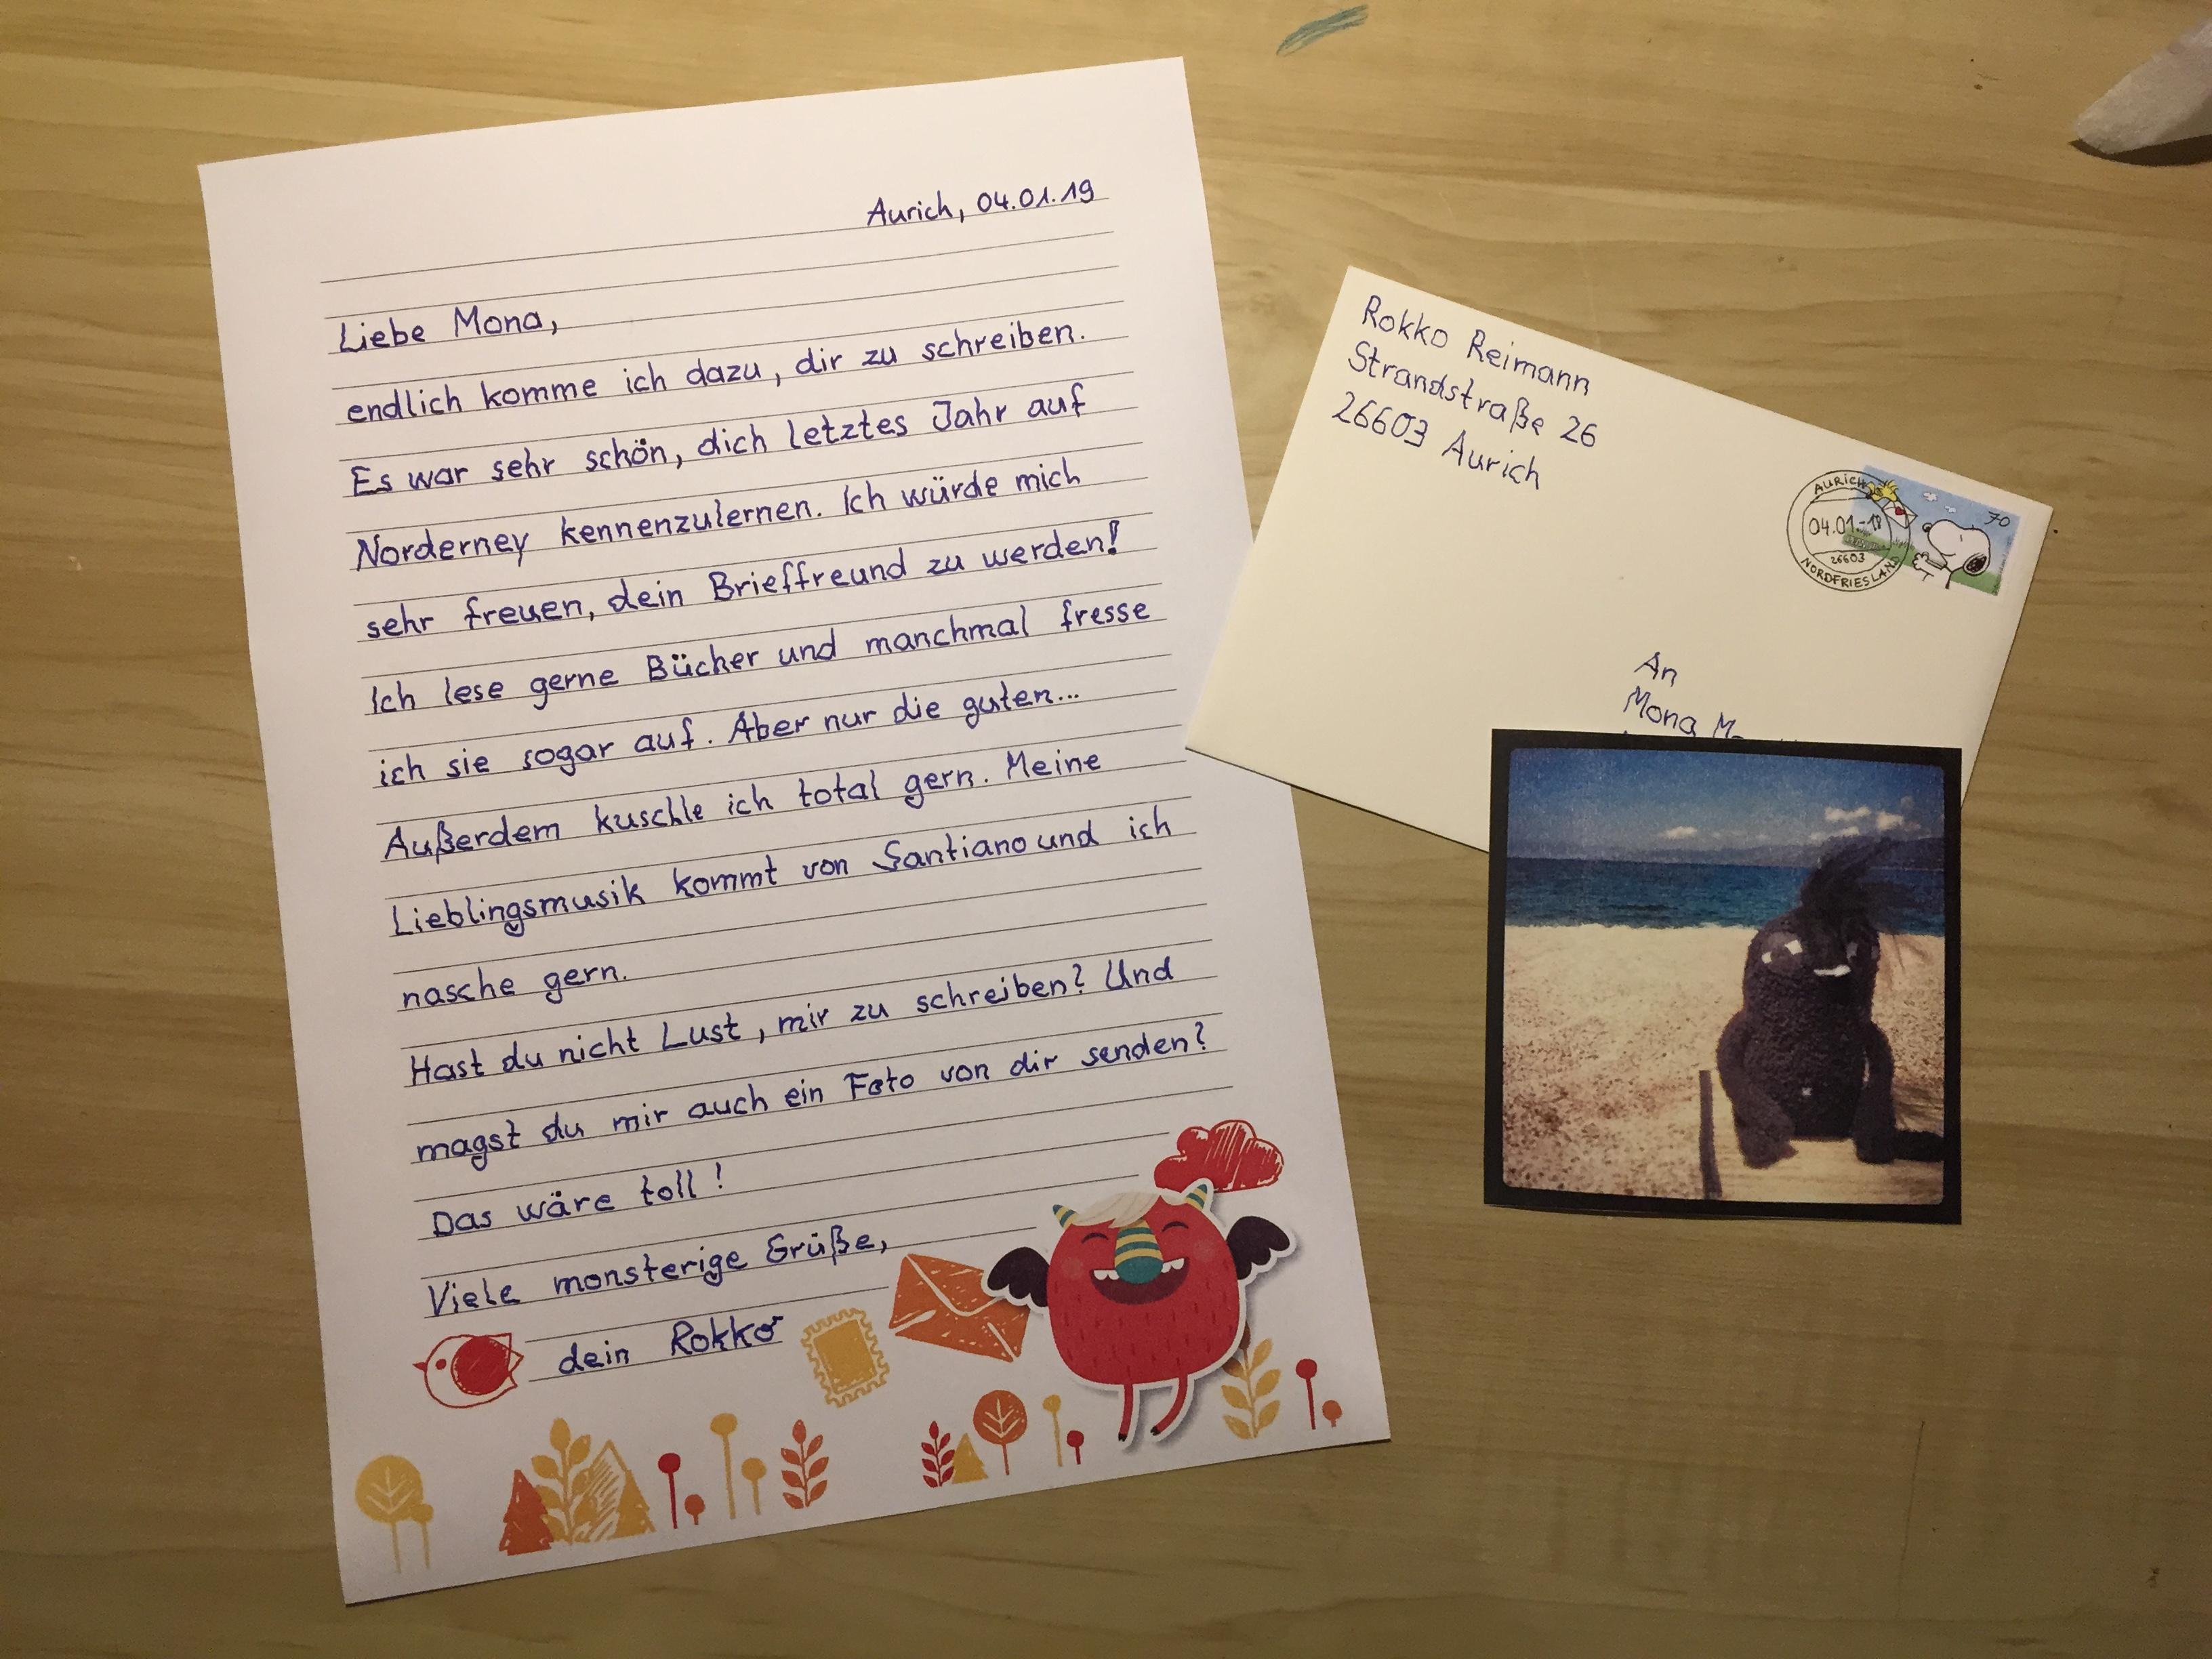 Brief schreiben an urlaubsbekanntschaft